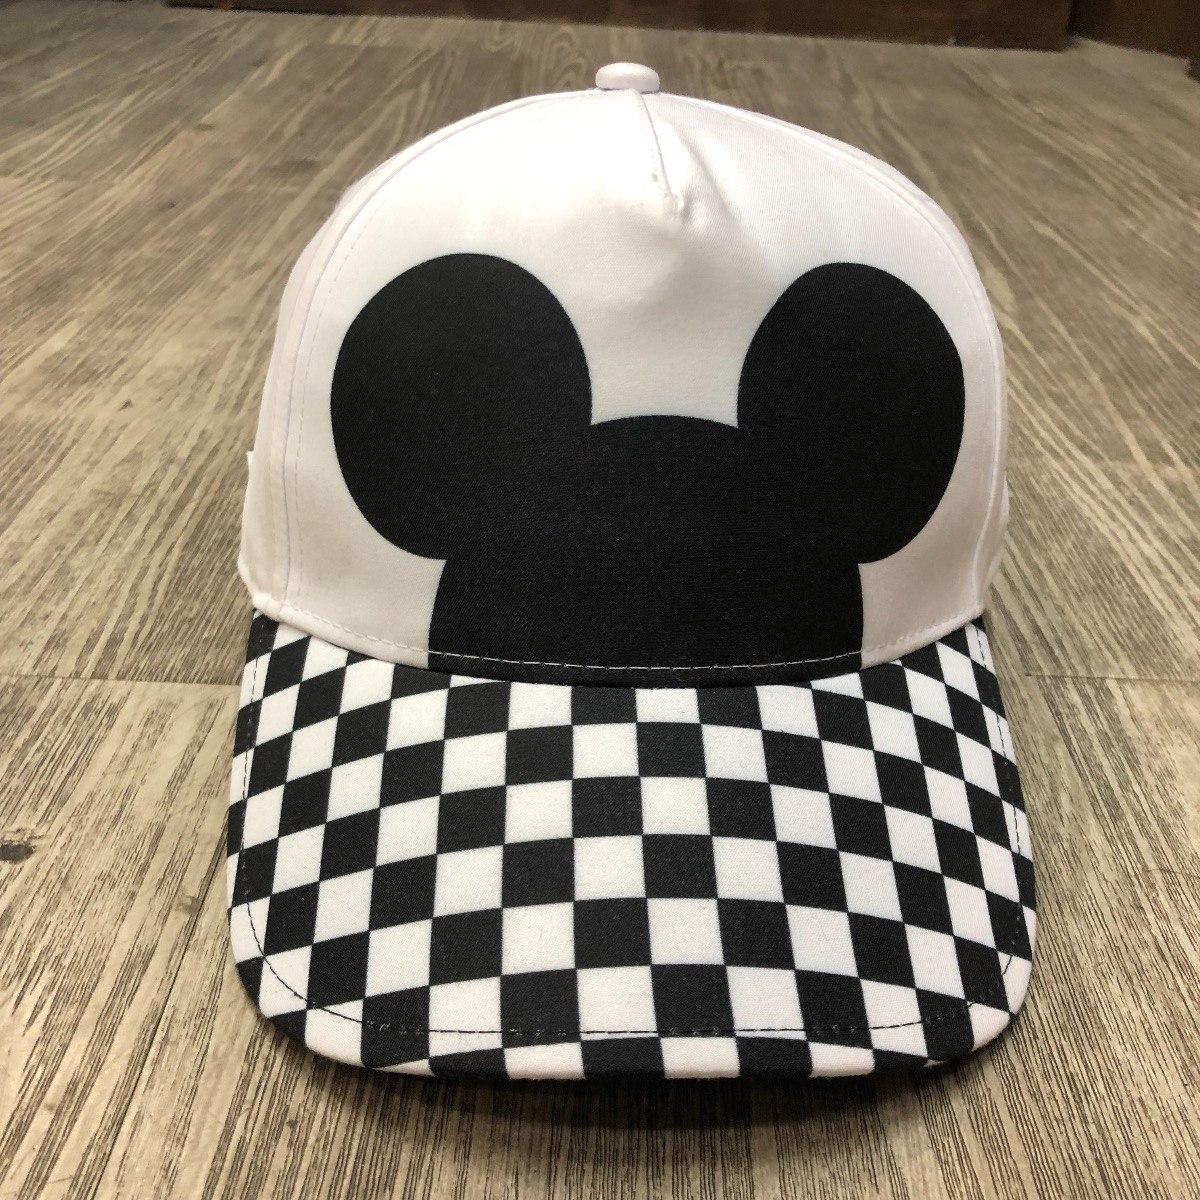 gorra vans edición disney mickey 90 checkerboard look trendy. Cargando zoom. 095a6954d3c